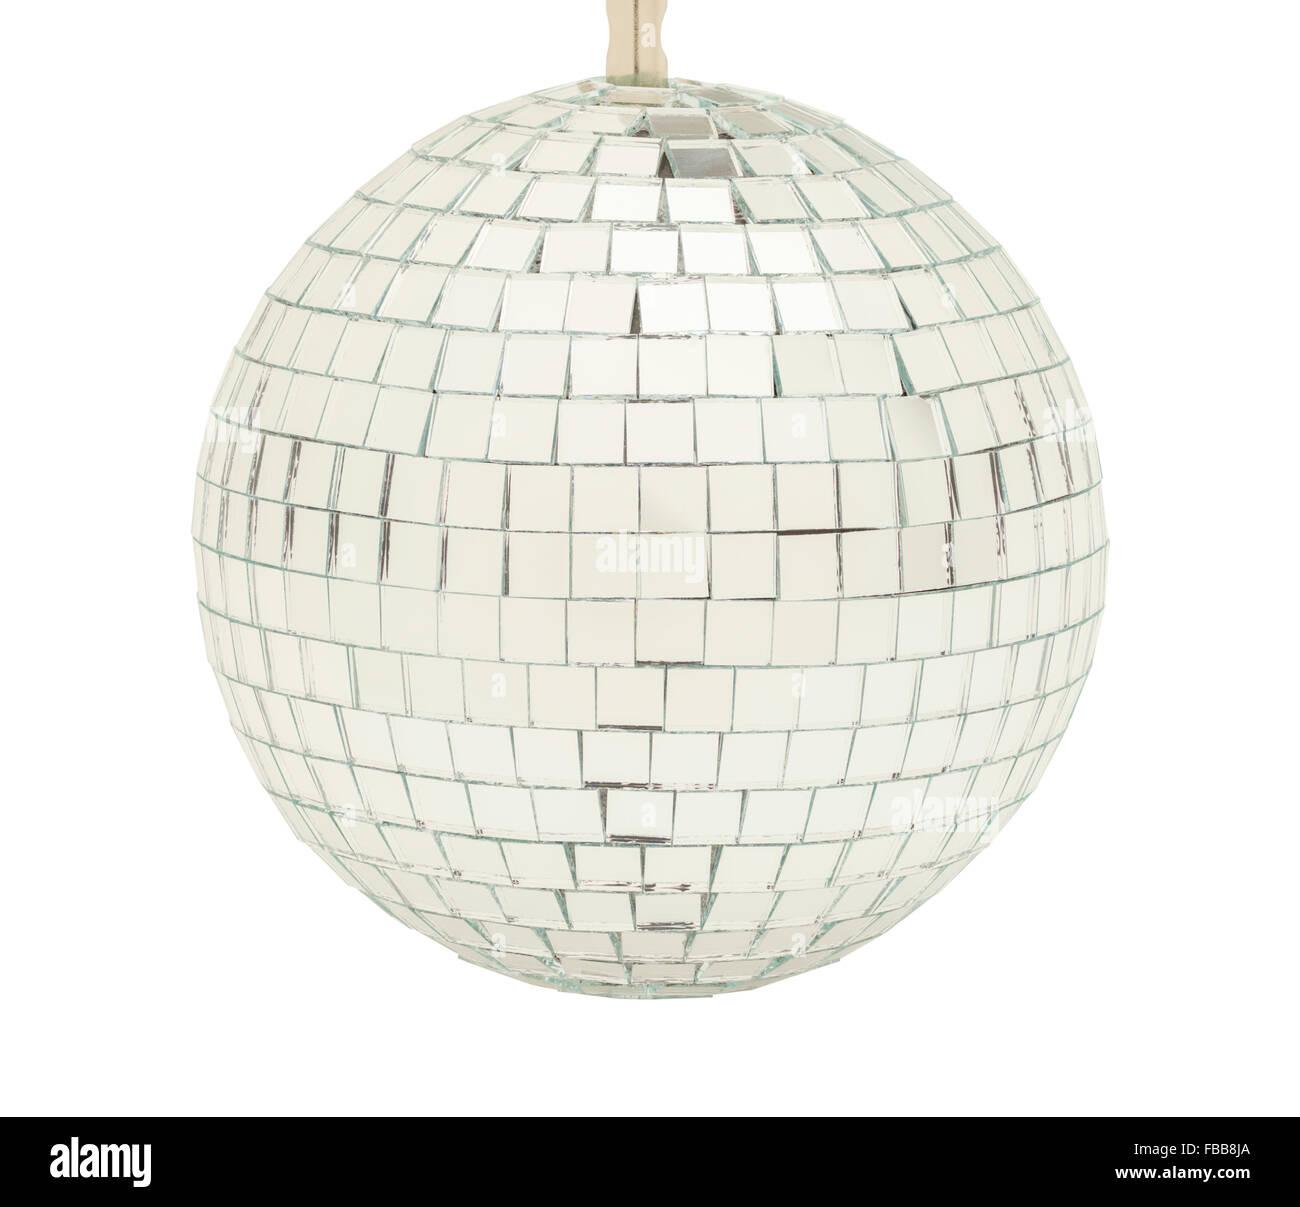 Boule disco Party verre isolé sur fond blanc. Photo Stock